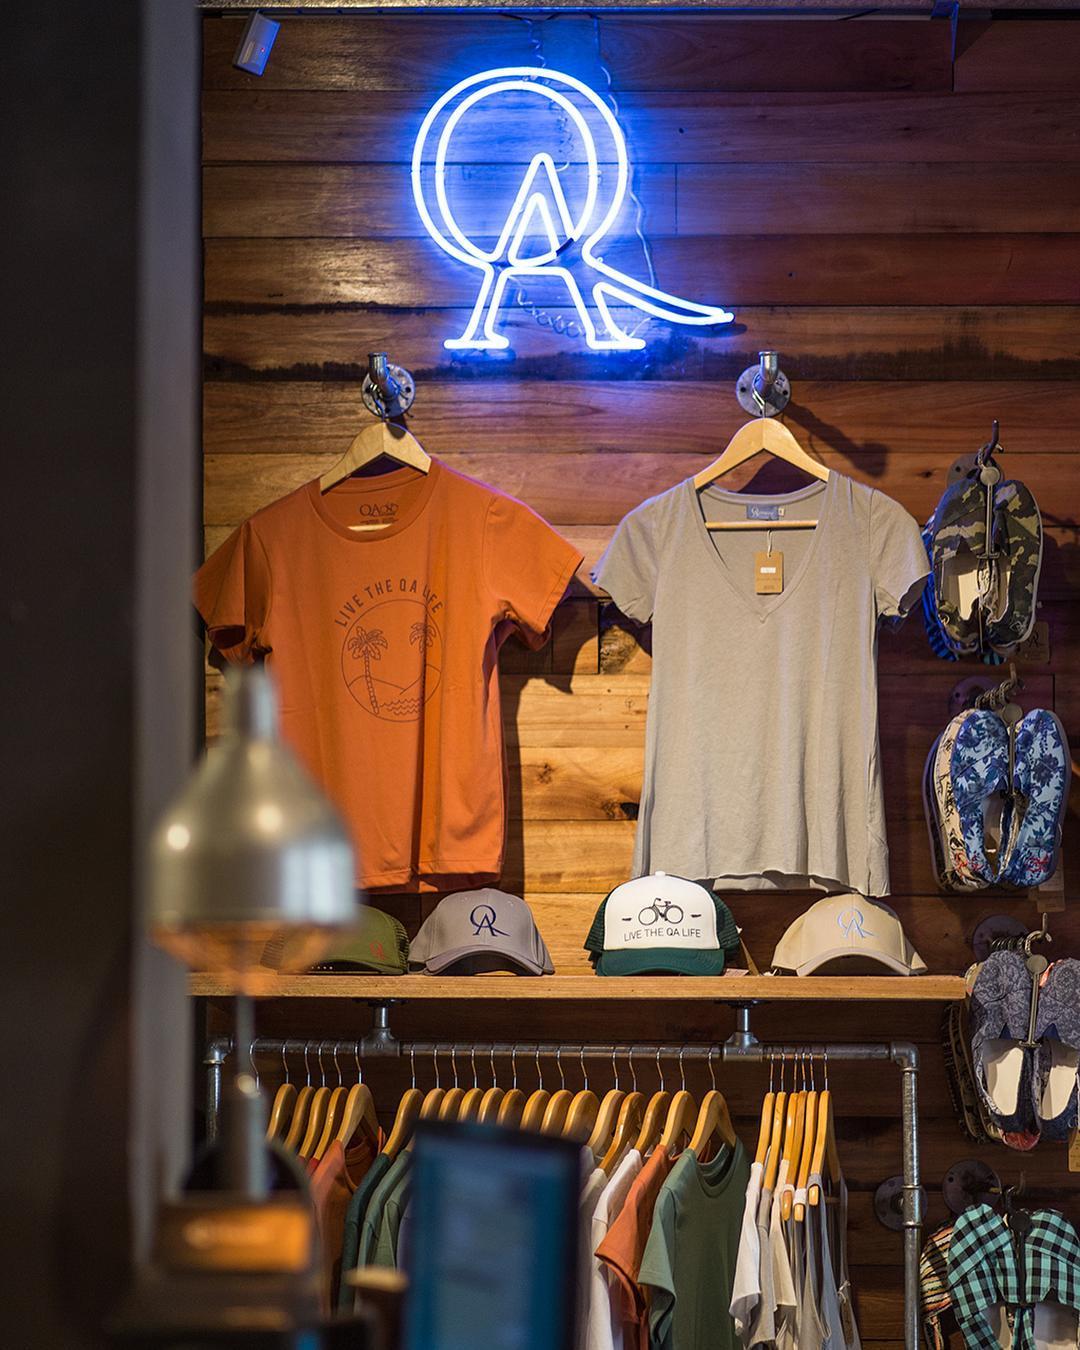 ¿Ya conoces nuestro local exclusivo de Recoleta?  Visitanos en Av. Santa Fe 1245 ● Lun a Sáb de 10 a 20hs y vení a conocer todos los productos QA que tenemos para ofrecerte.  #alpargatas #remeras #camperas #buzos #bermudas #pantalones #gorras #accesorios